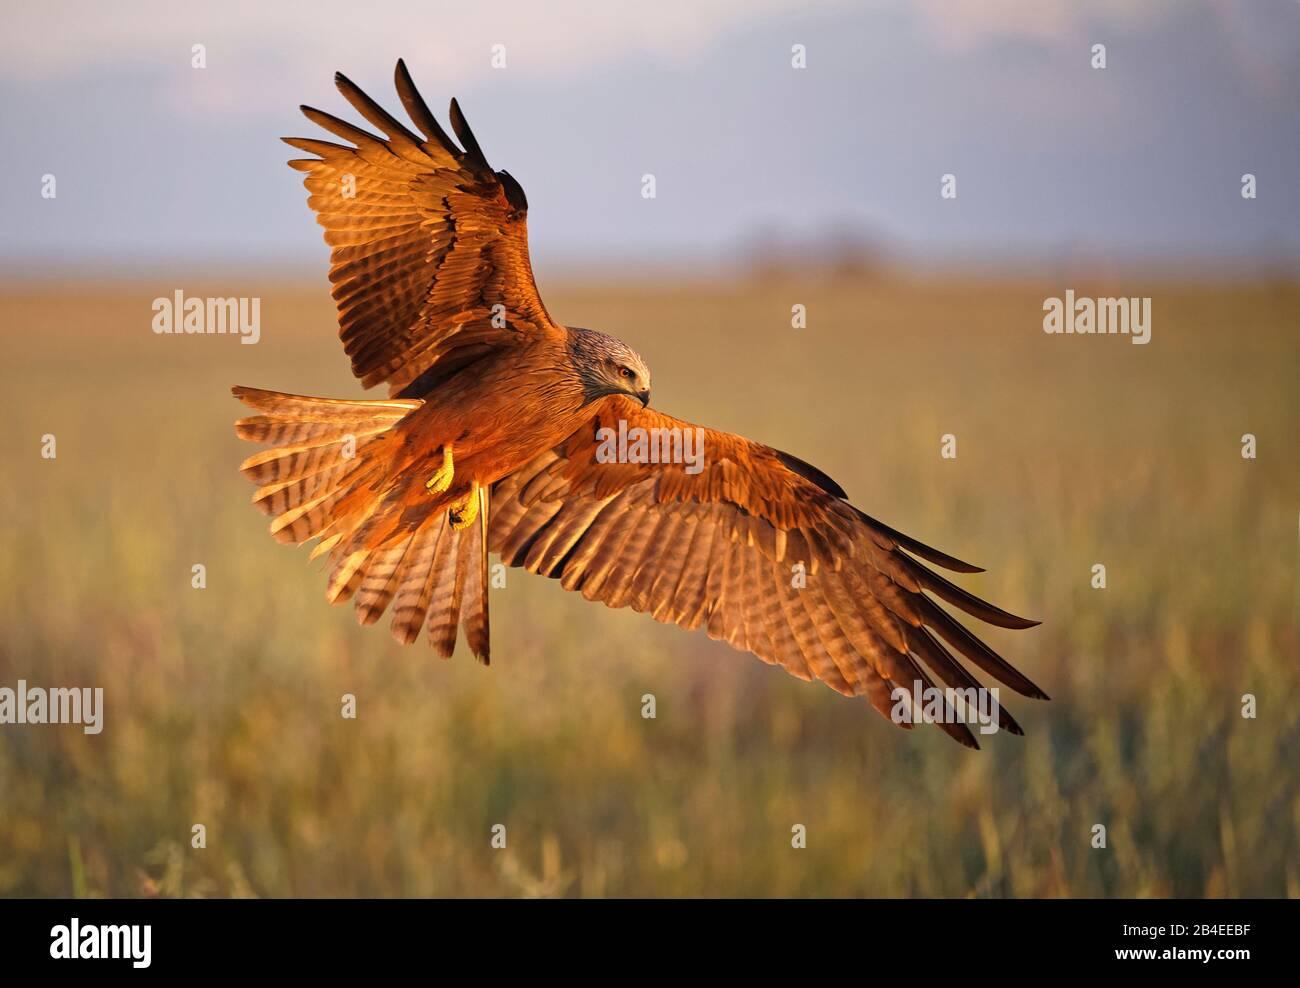 Cerf-volant noir (Milvus migrans) en vol, Castilla-la Mancha Espagne Banque D'Images